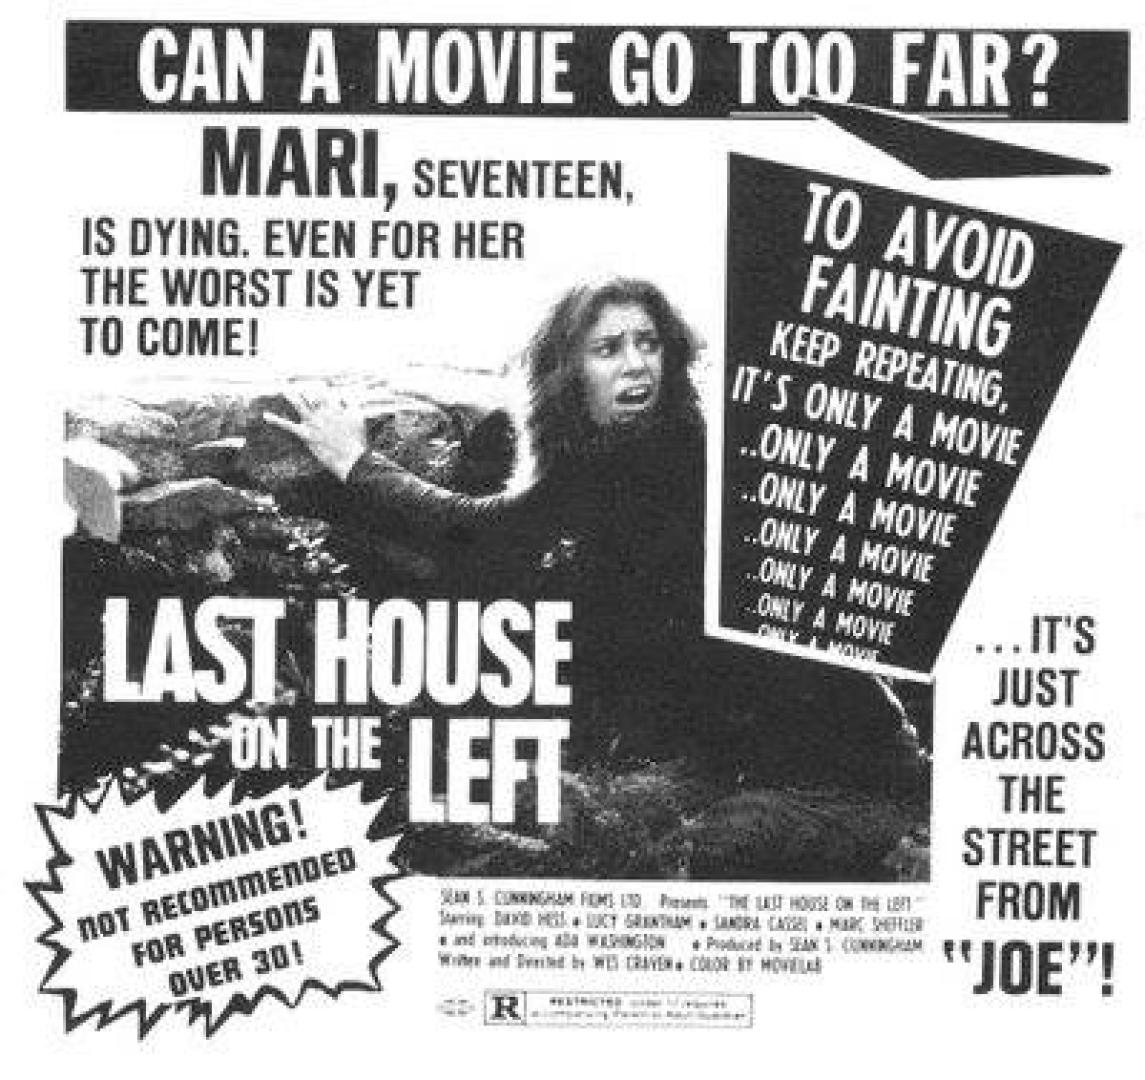 The Last House on the Left - Az utolsó ház balra (1972) 2. kép